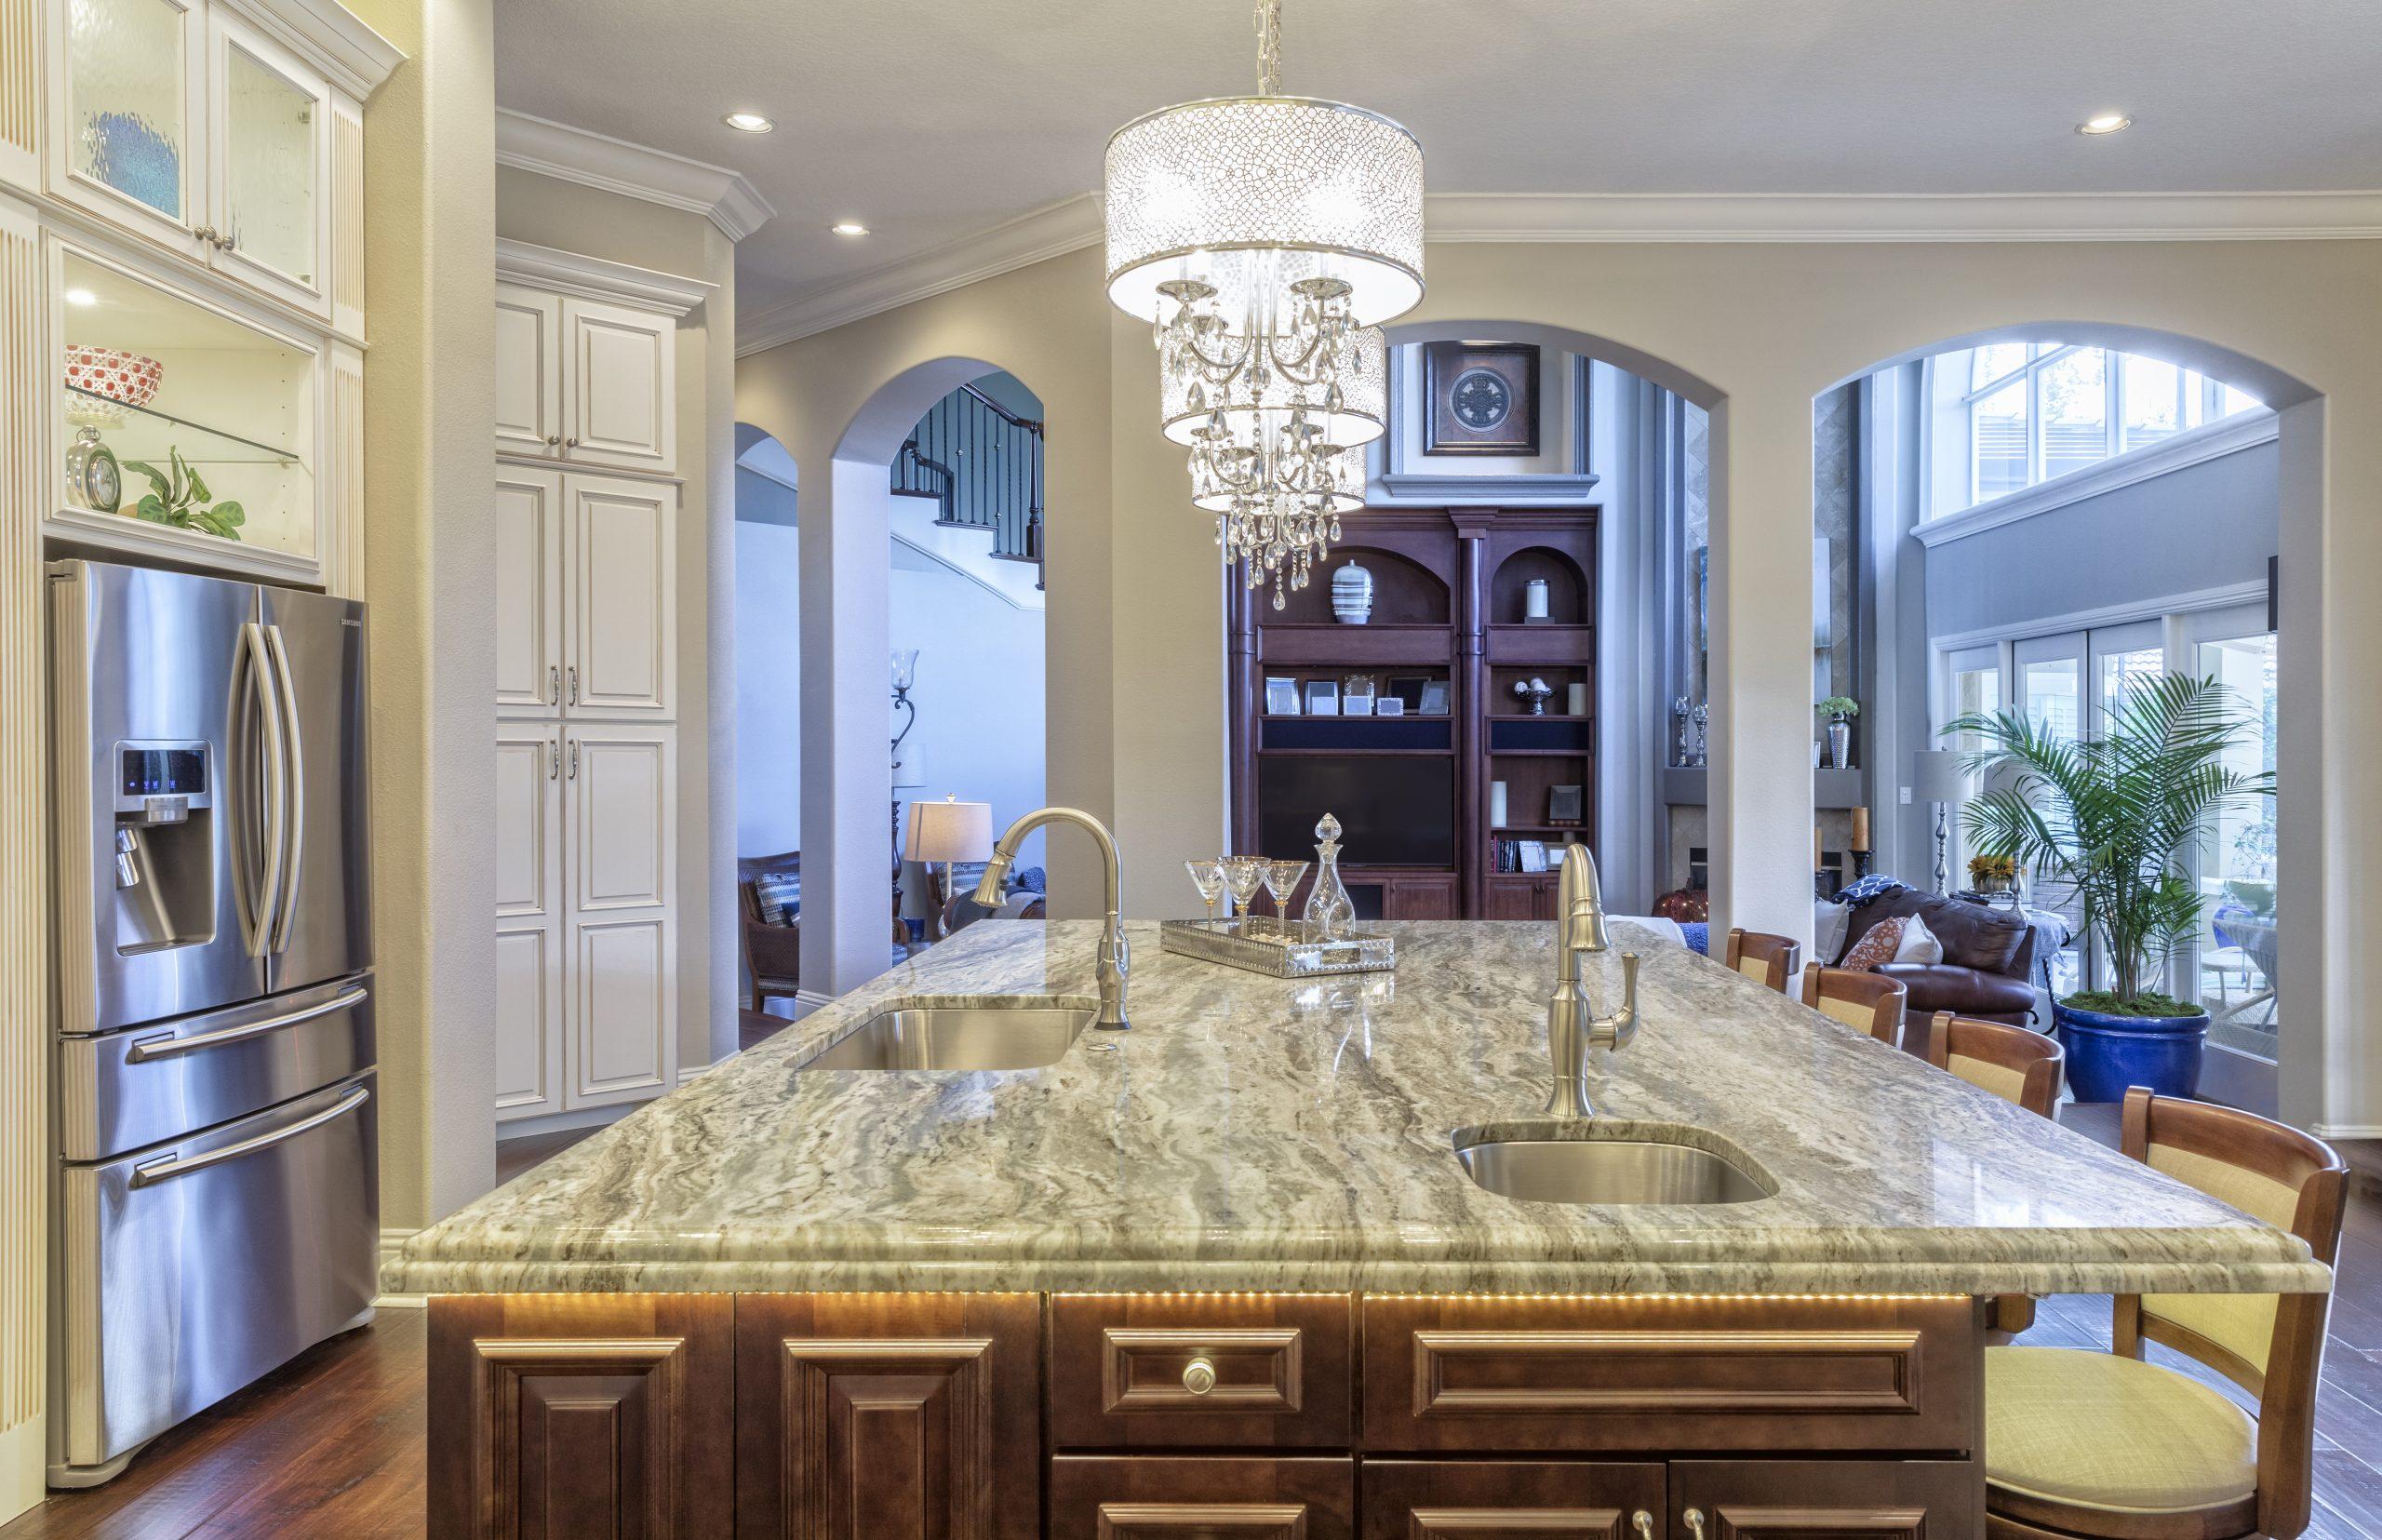 Is Quartz more Expensive than Granite?